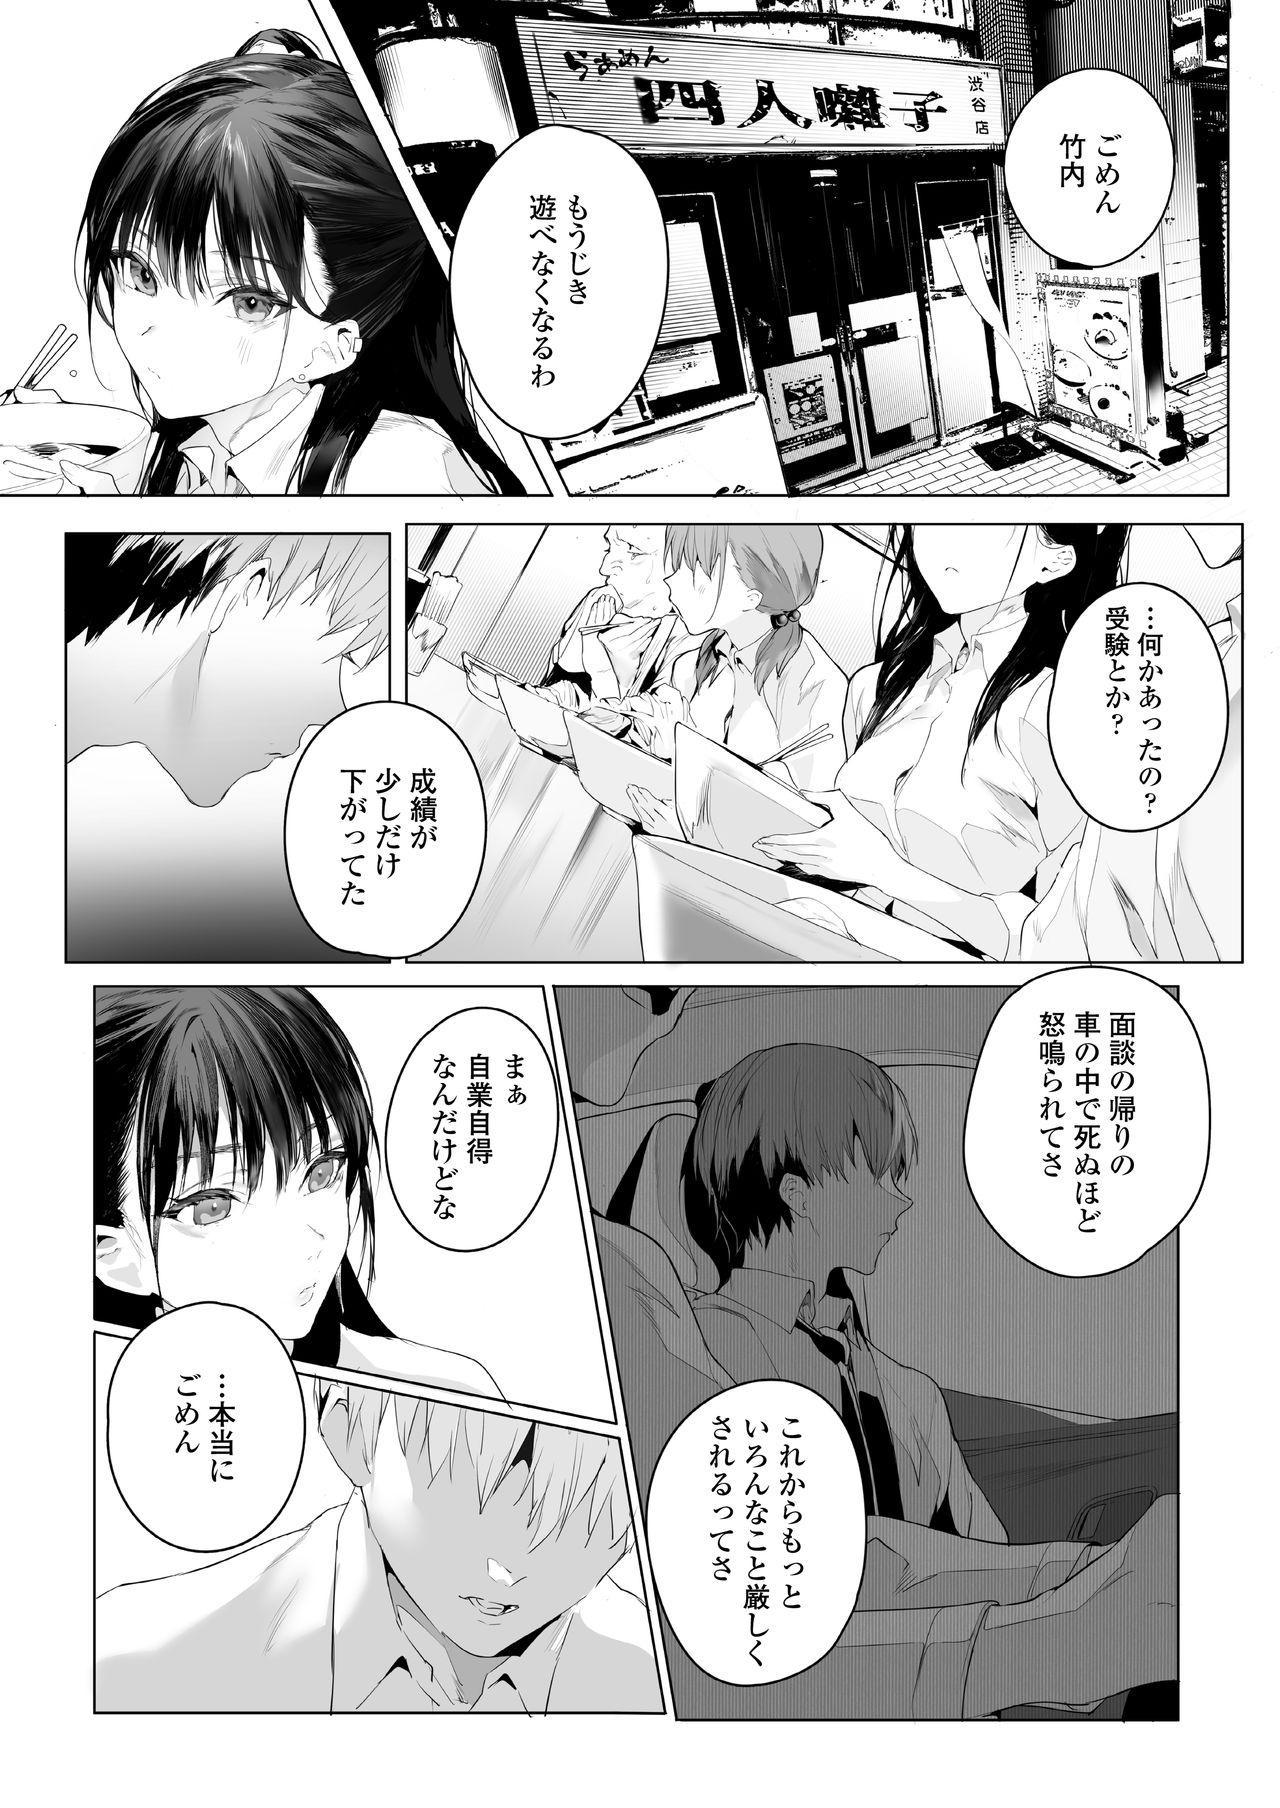 COMIC AOHA 2021 Natsu 42